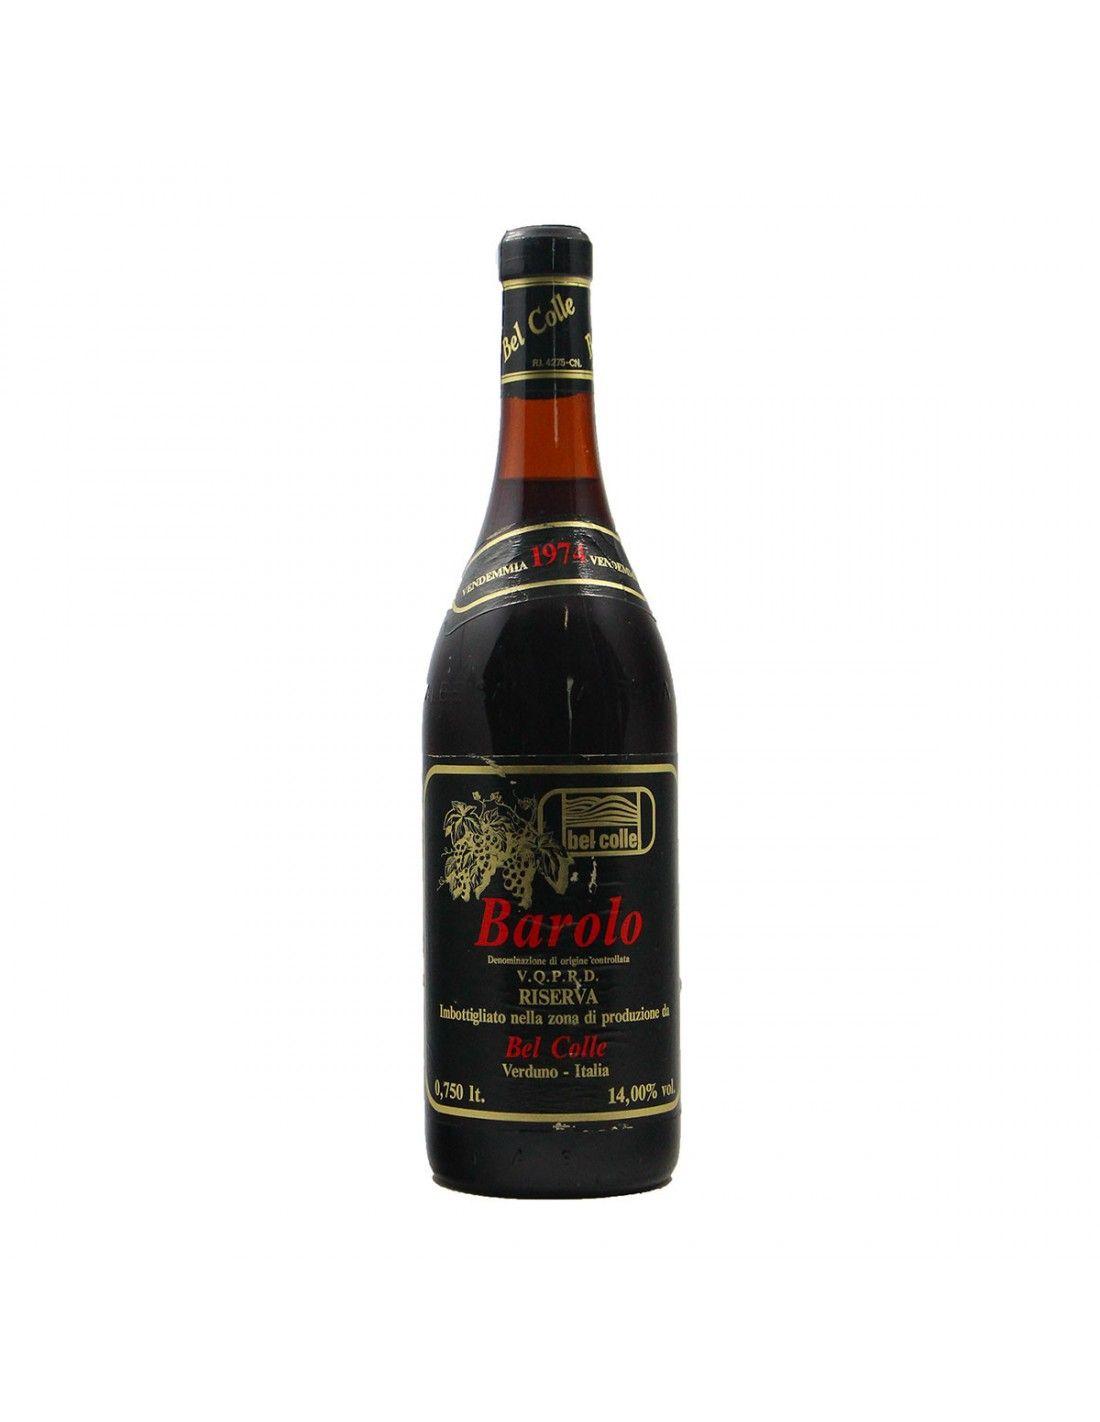 BAROLO 1974 BEL COLLE Grandi Bottiglie